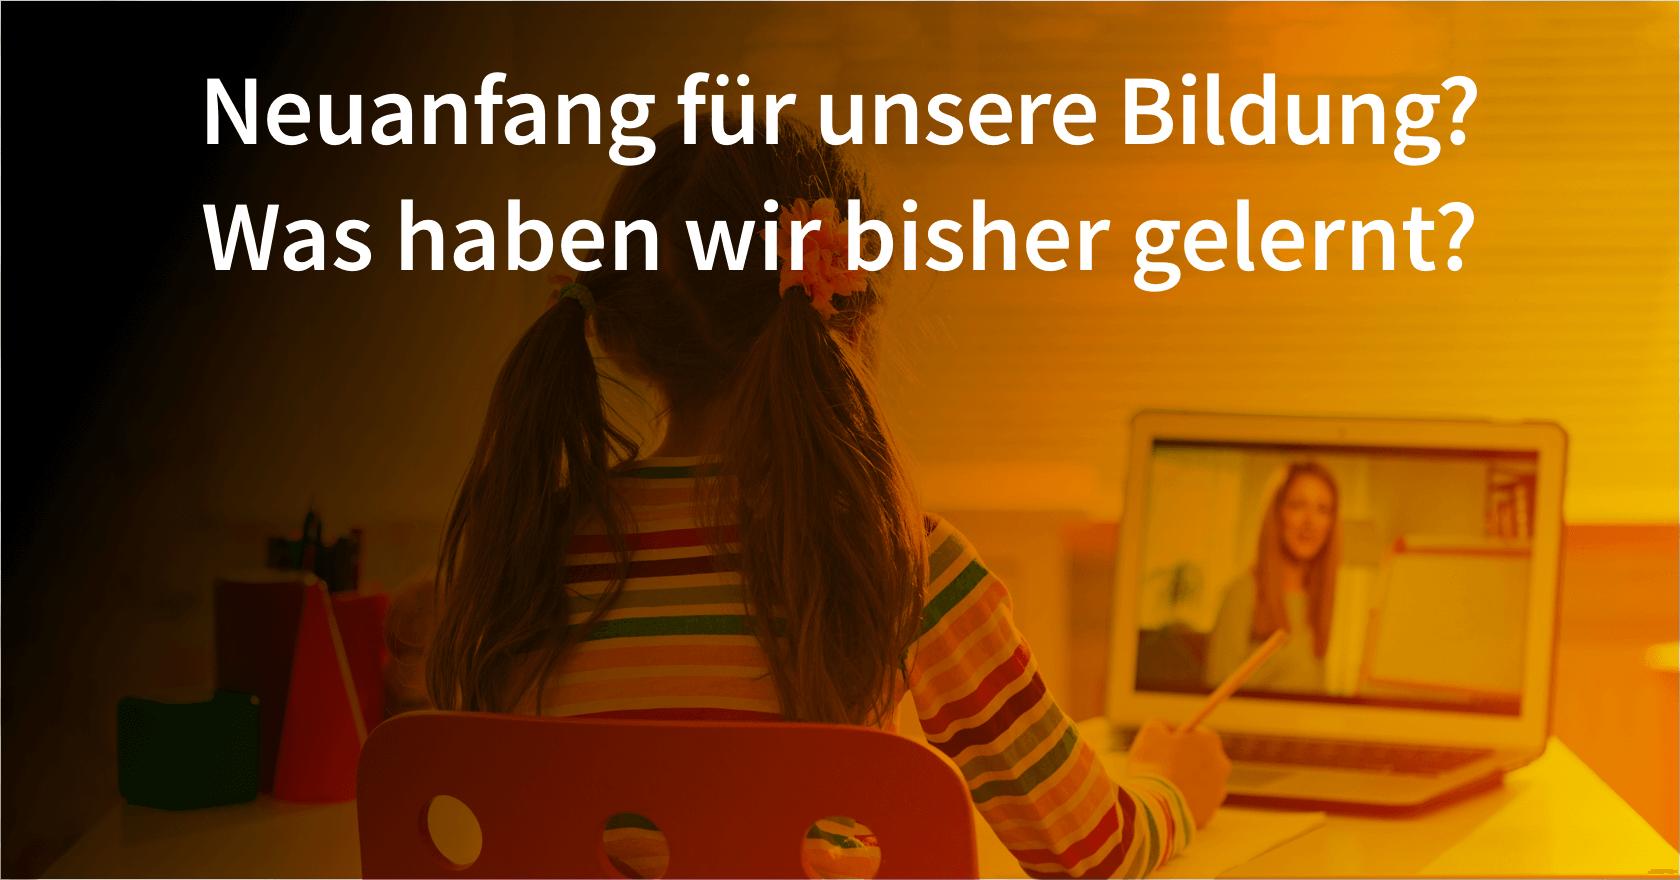 Neuanfang in der Bildung? | Sie wollen eine App, Software oder Webanwendung, die auf dem Markt wettbewerbsfähig ist? Wir helfen Ihnen dabei: UX Consulting, UX Konzept & UI Design | App, Software & Web | UX-Büro in Odenthal (in der Nähe von Köln, Bergisch Gladbach, Leverkusen und Düsseldorf) | User Experience Consulting, User Experience Konzept & User Interface Design